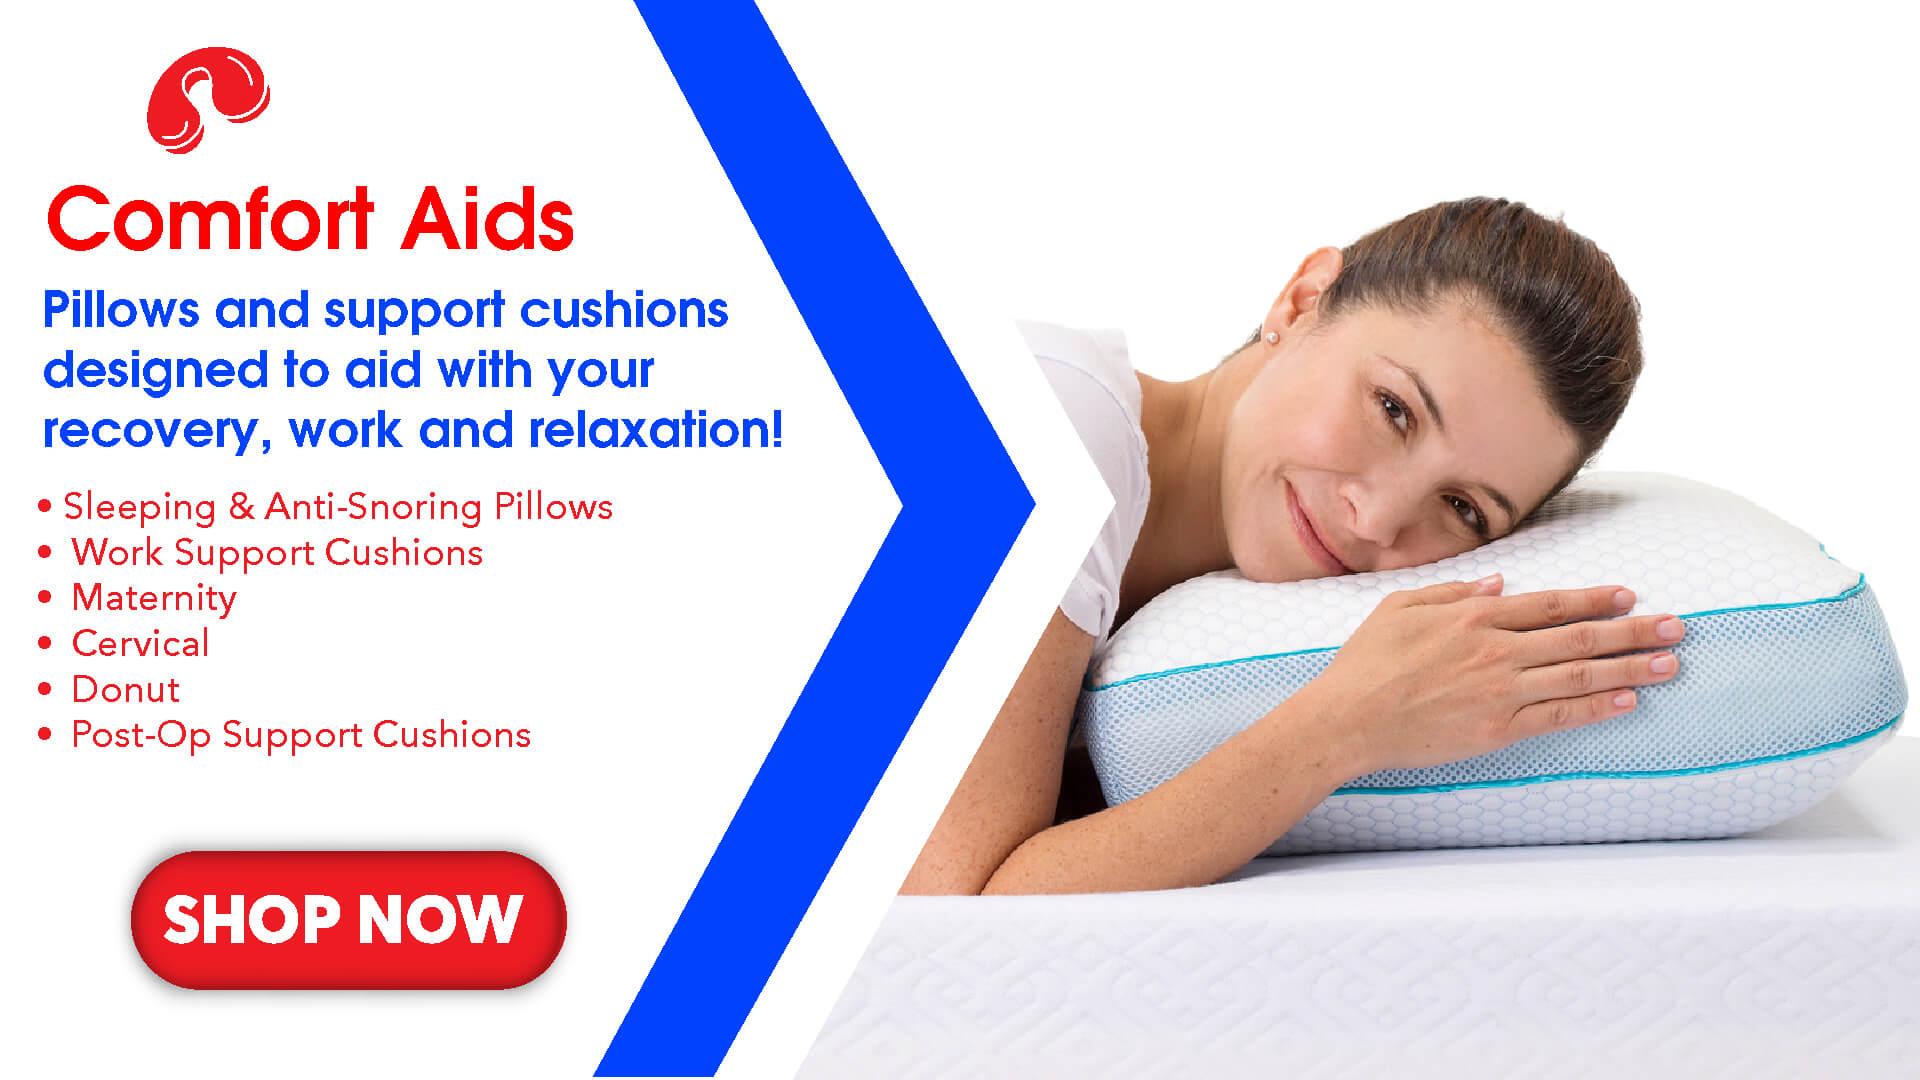 Comfort Aids